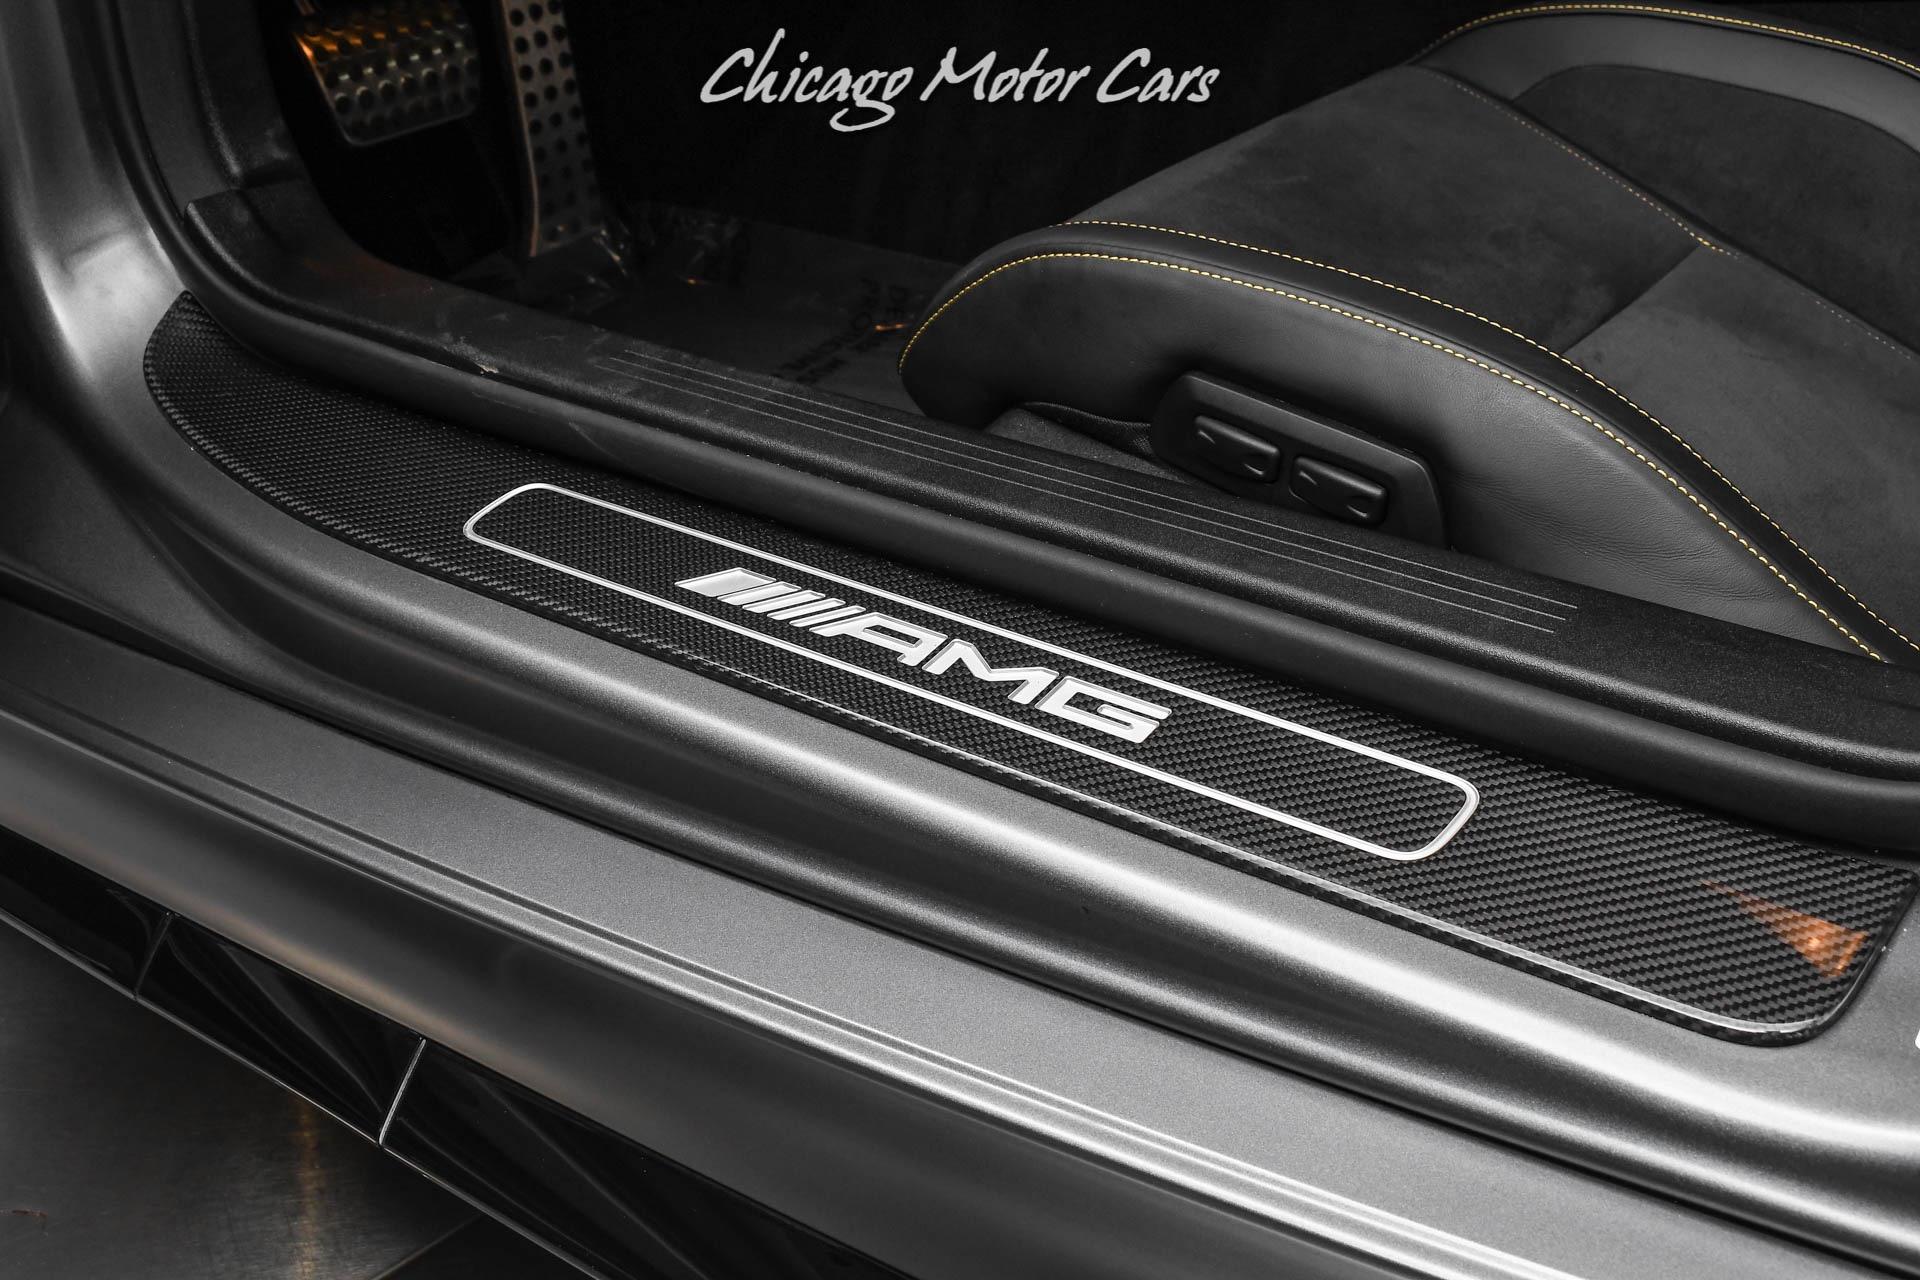 Used-2020-Mercedes-Benz-AMG-GT-R-Coupe-Carbon-Exterior-Pkg-2-Matte-Carbon-Trim-Burmester-GTR-300-Miles